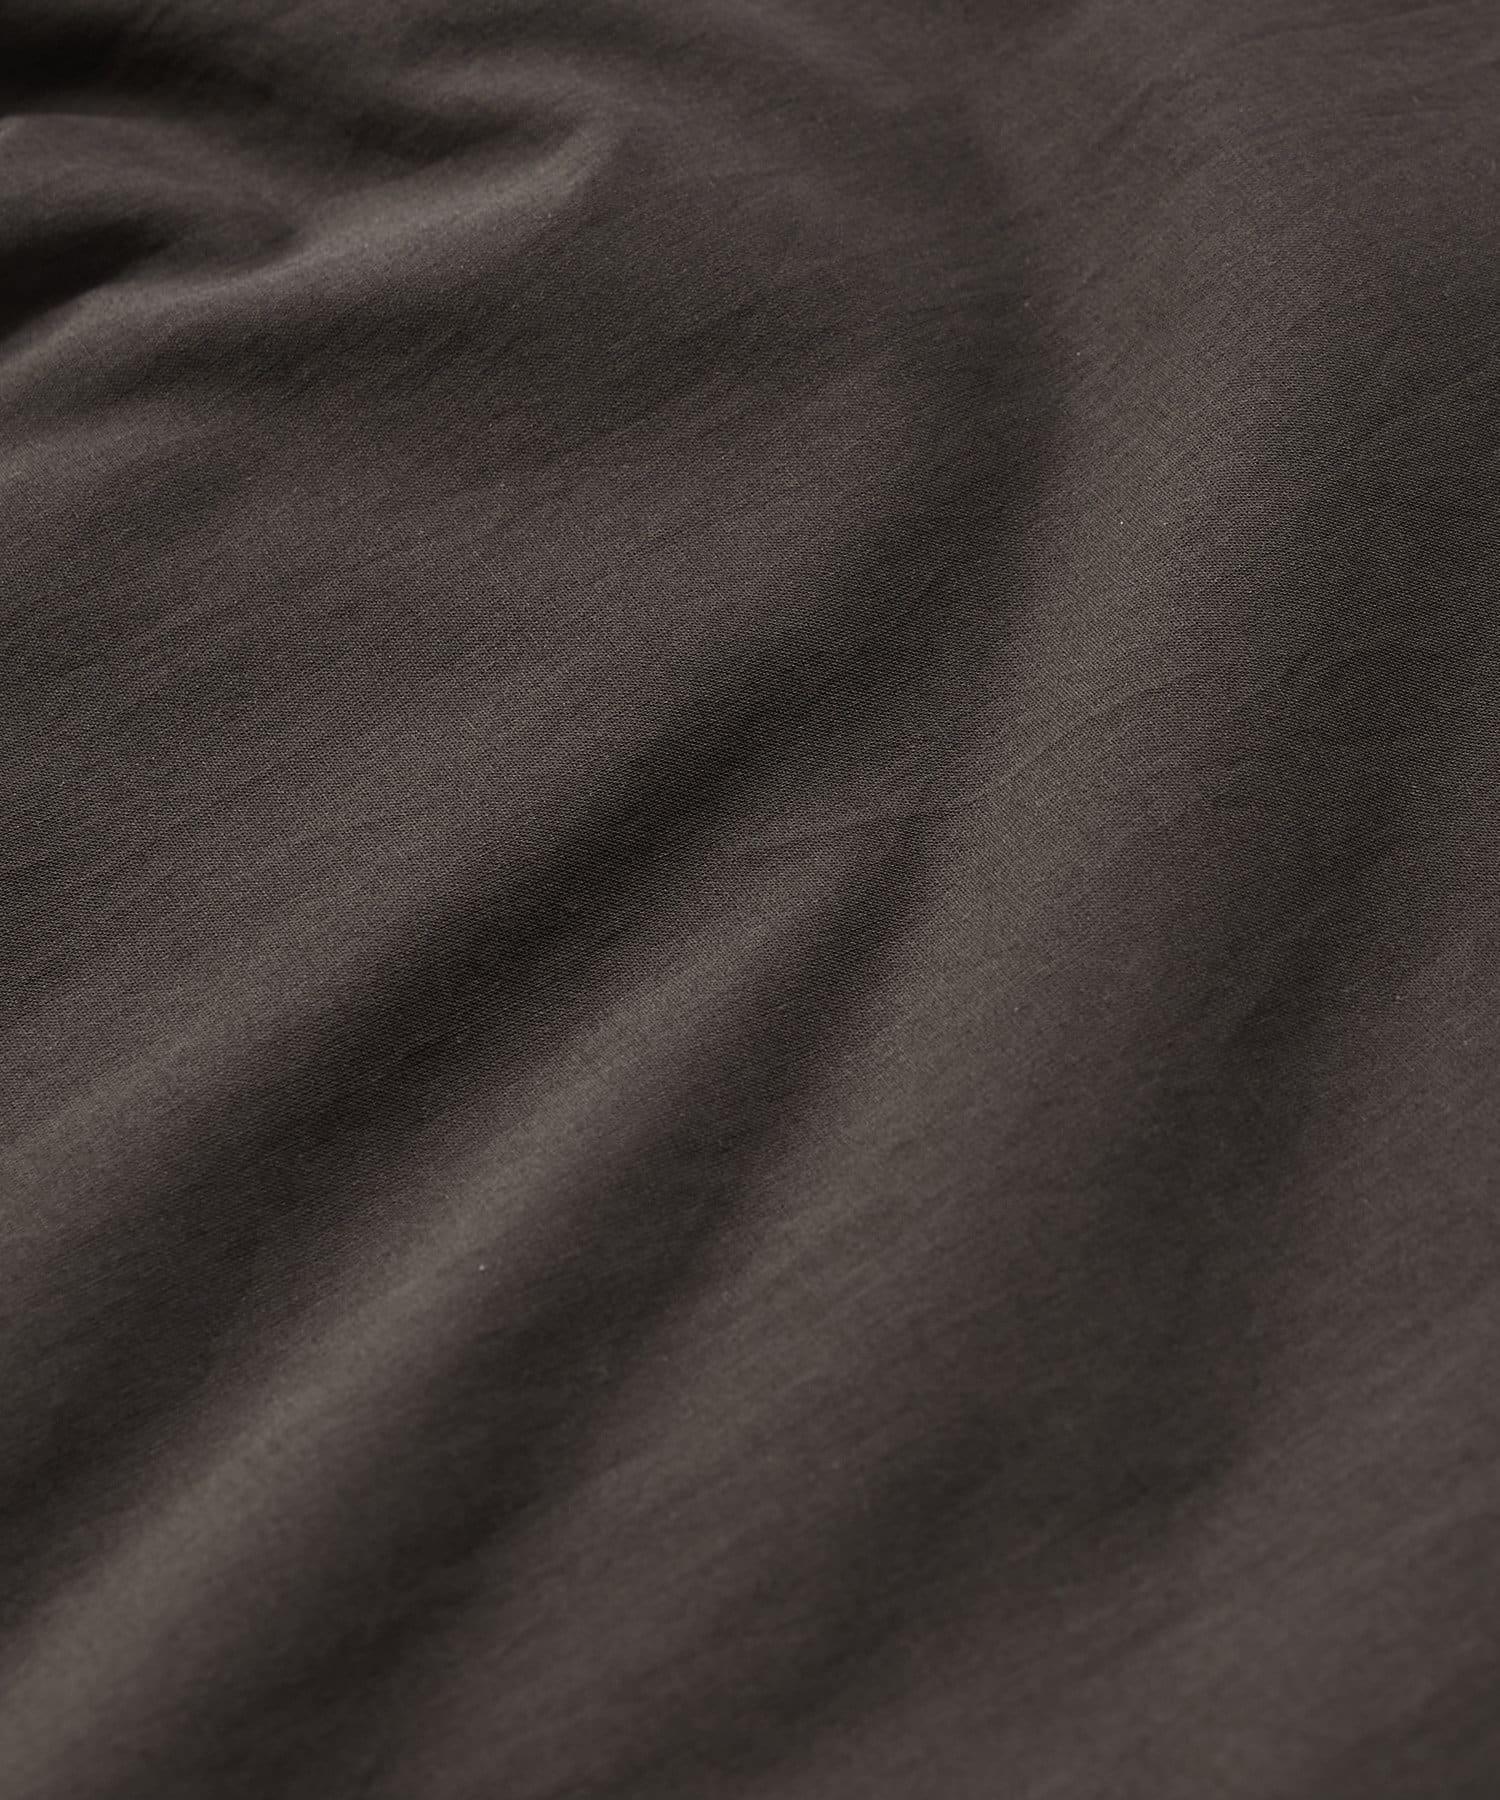 La boutique BonBon(ラブティックボンボン) 【手洗い可】綿ローンライトノースリワンピース